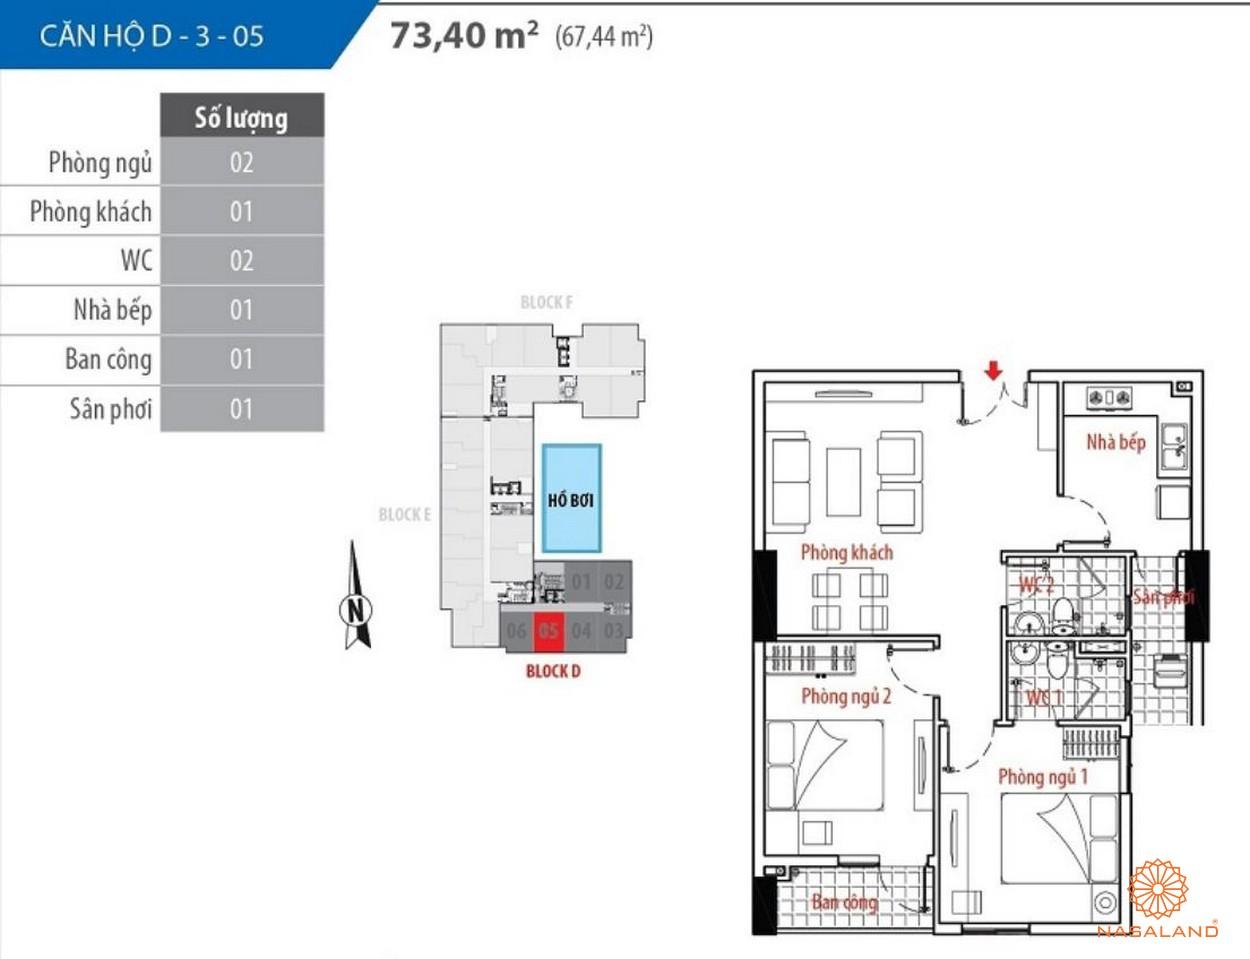 Thiết kế block D căn số 05